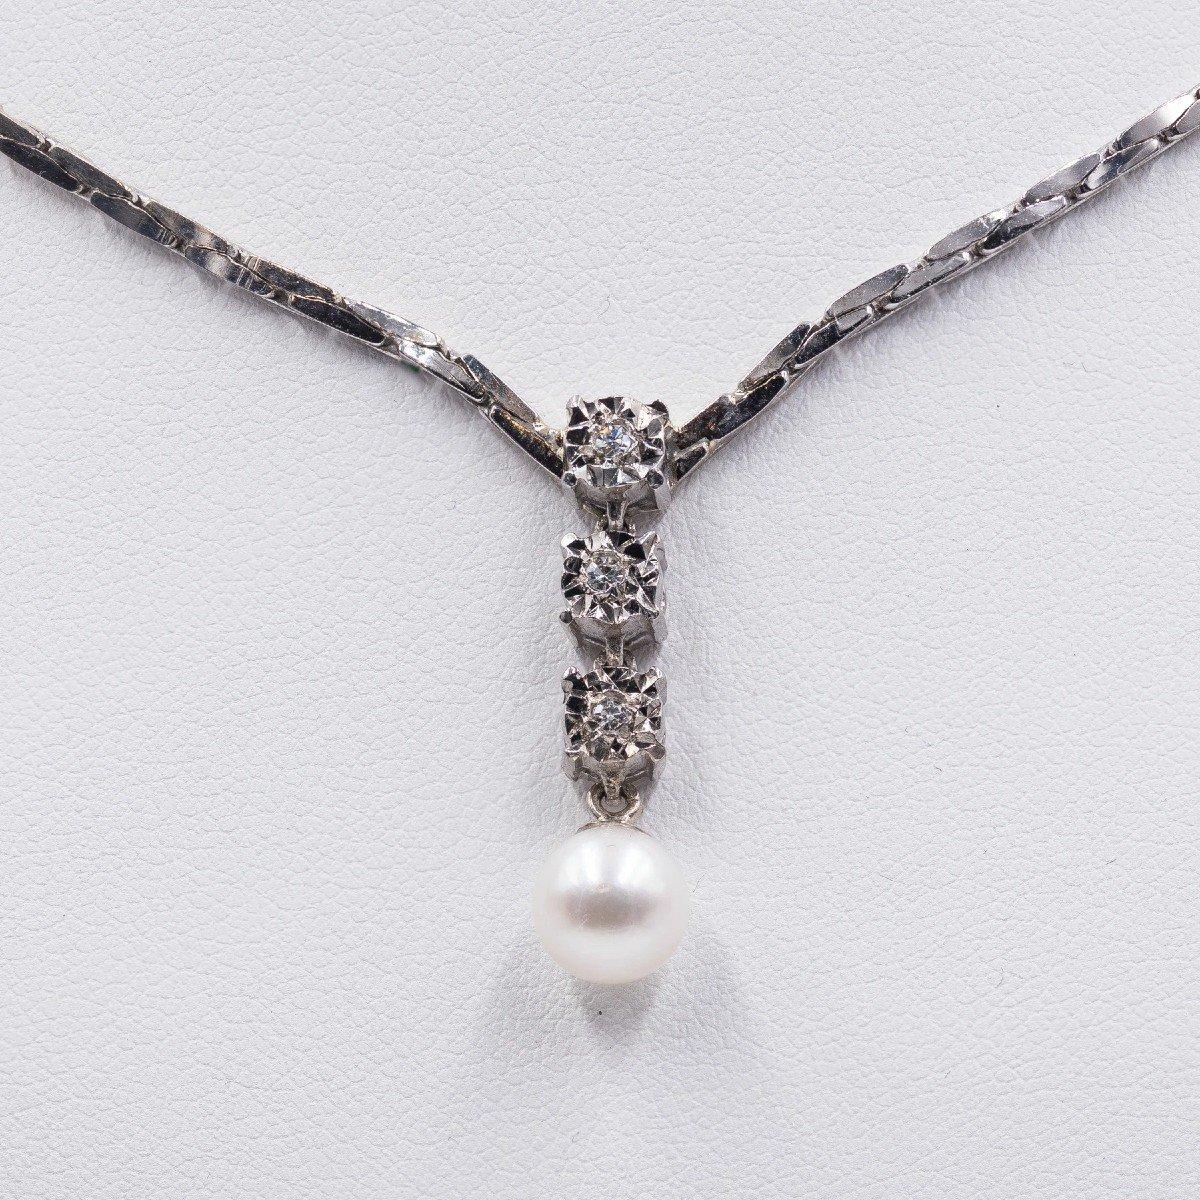 Collier Vintage En Or Blanc 14 Ct Avec 3 Diamants (0.15 Ct) Et Perle, AnnÉes 80-photo-3